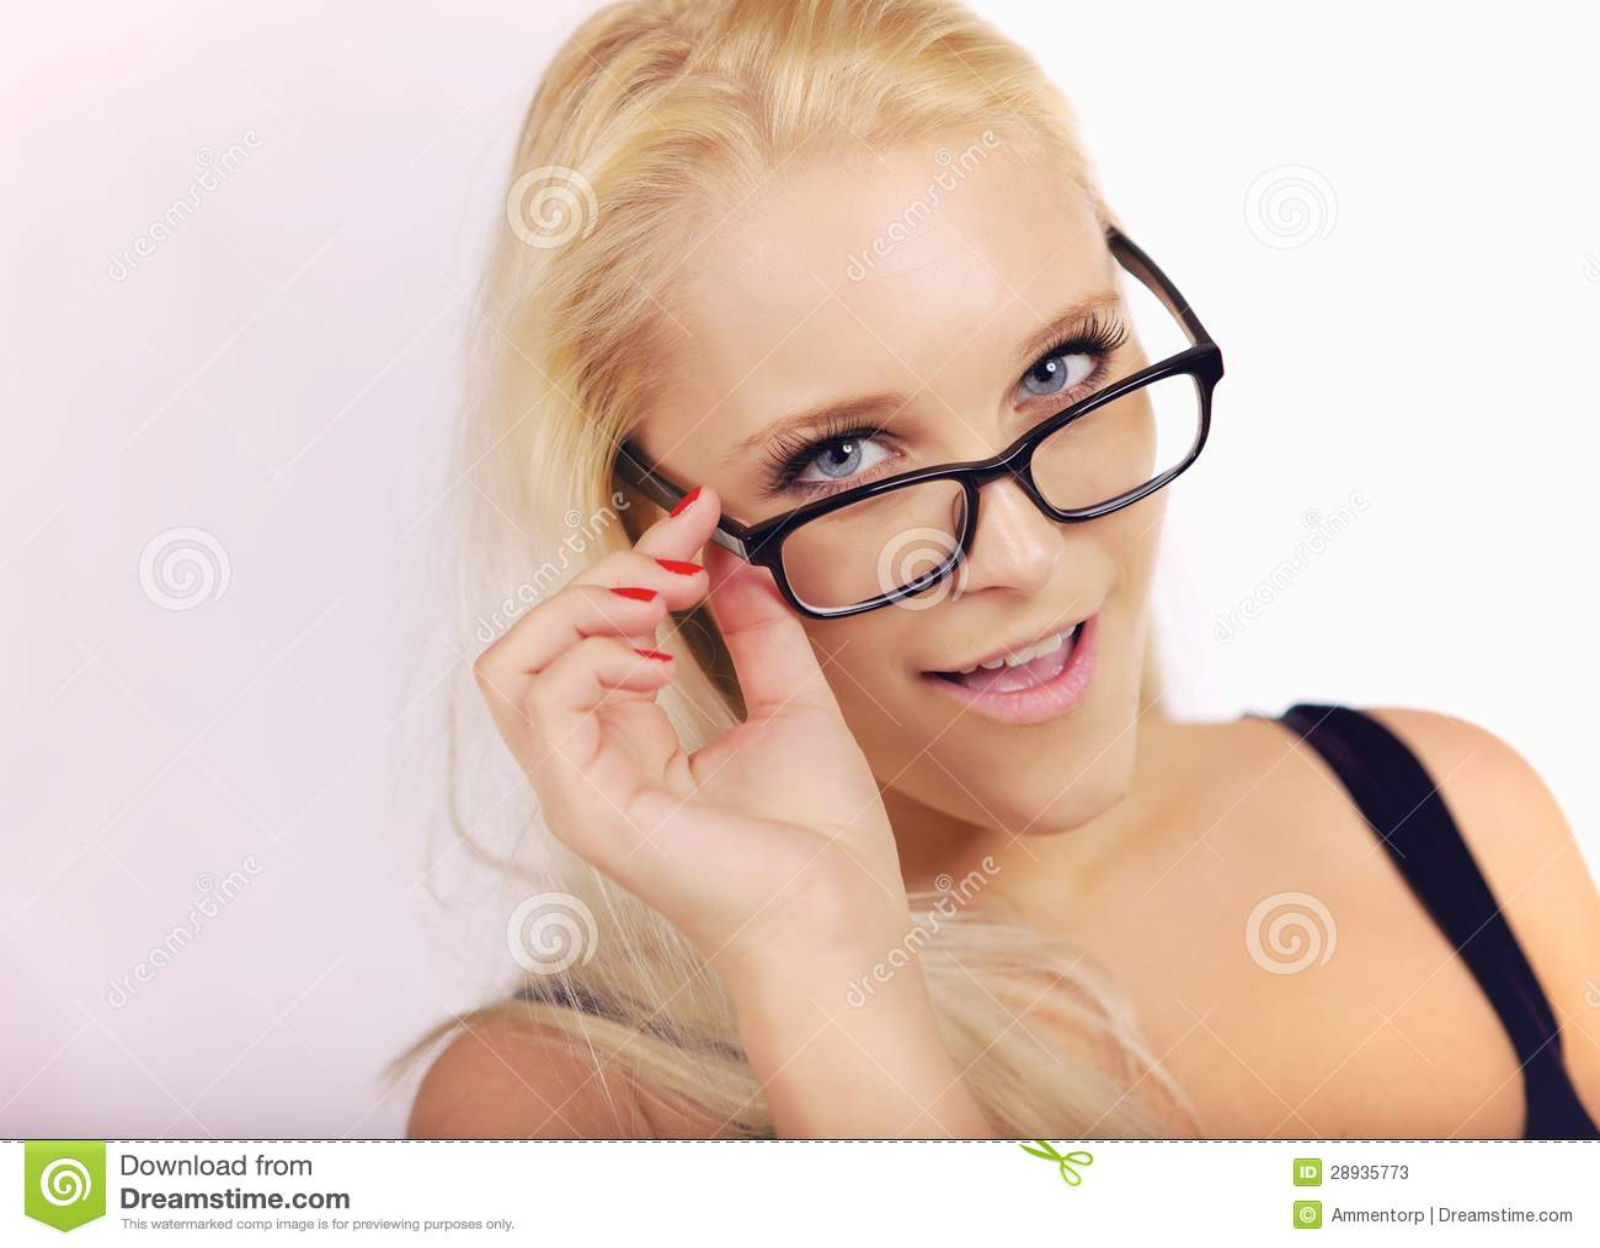 Mooi Meisje die zeer Slim in Haar Eyewear kijken